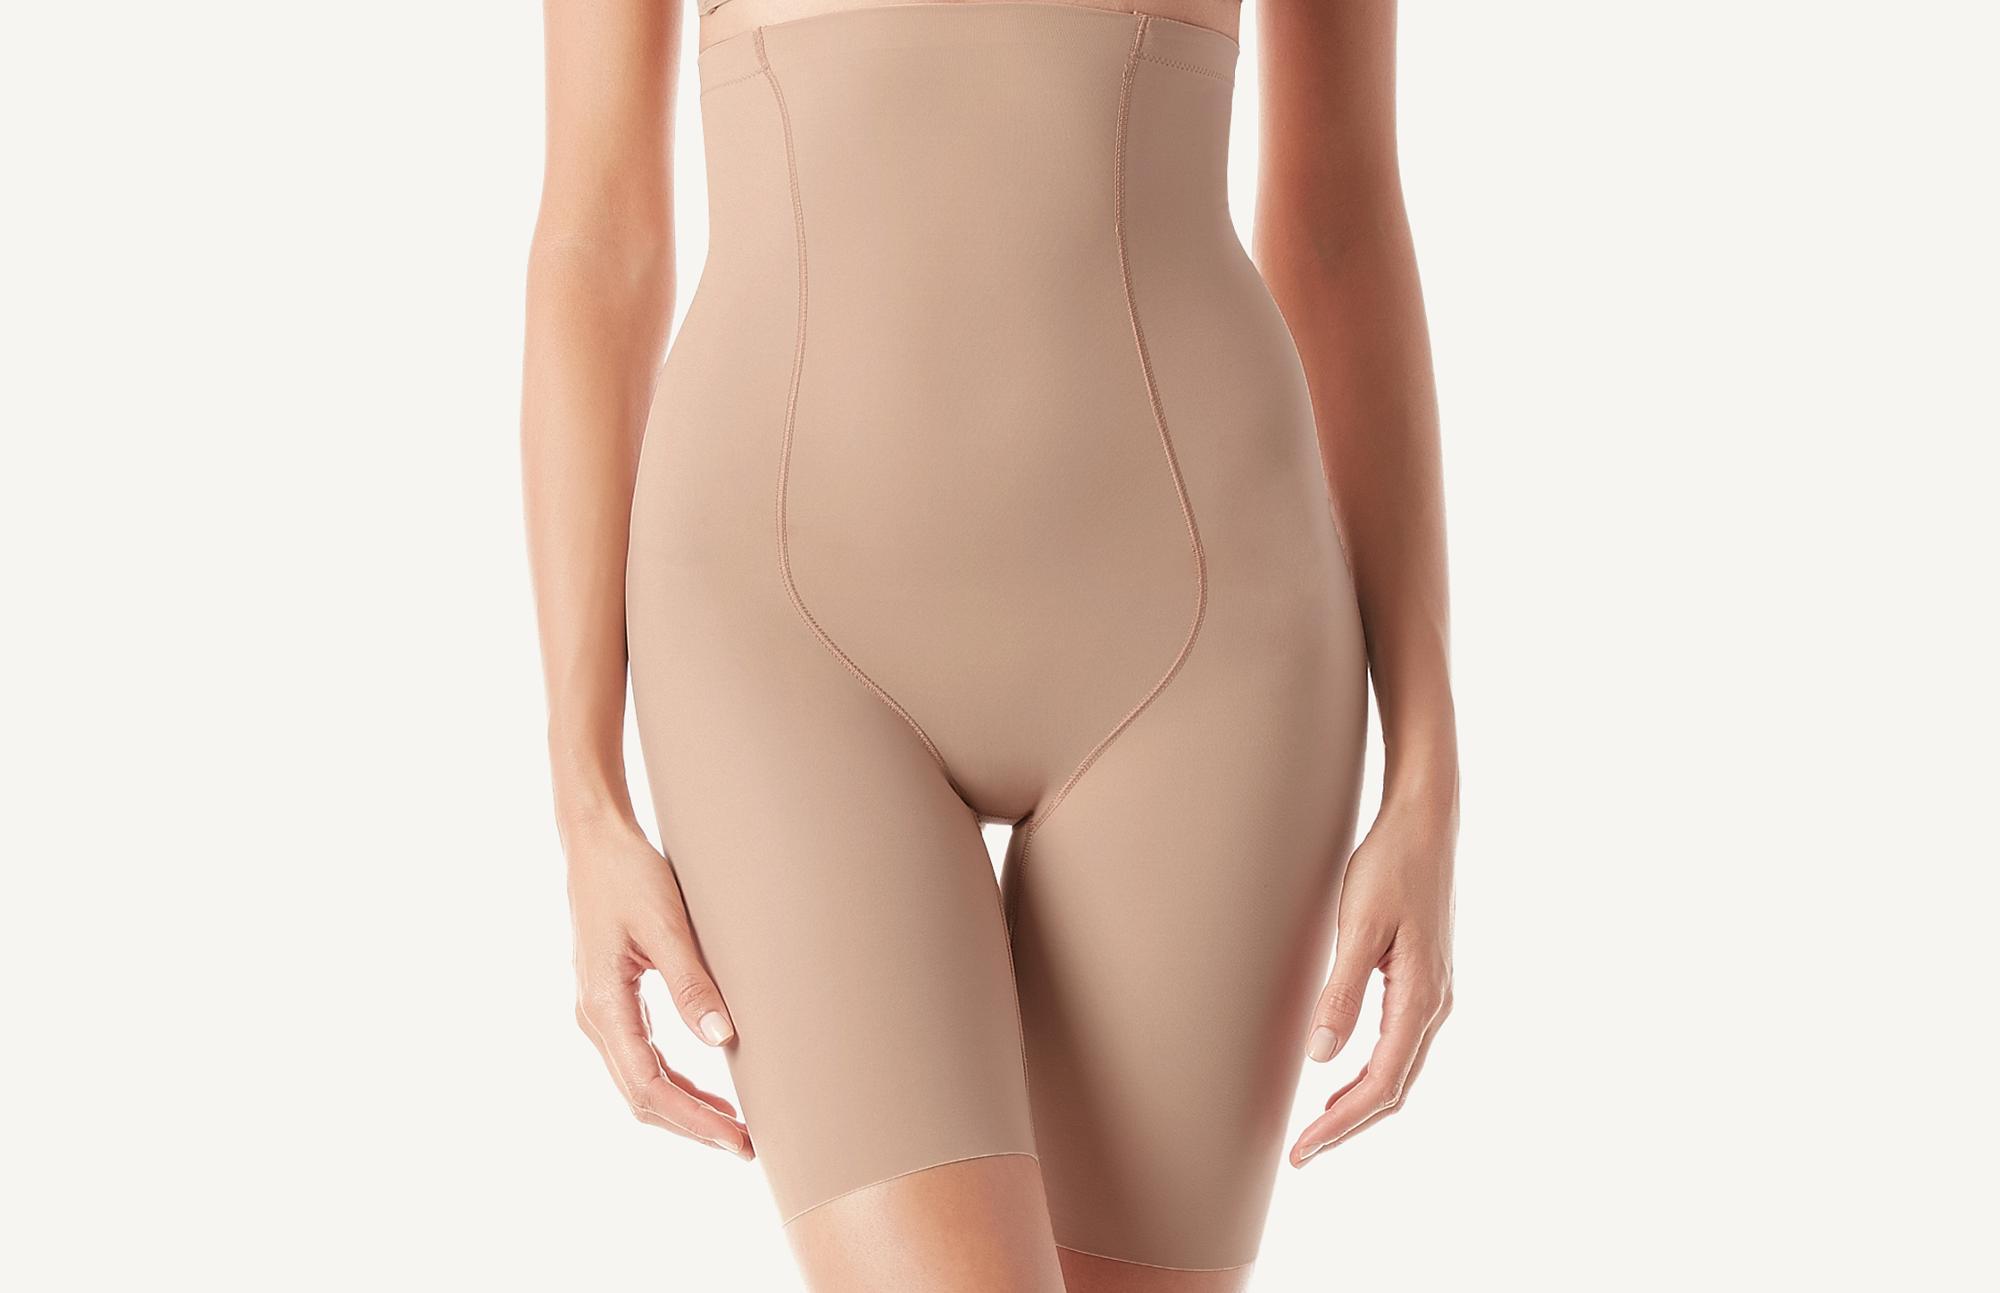 Pantaloncino modellante Intimissimi collezione 2018